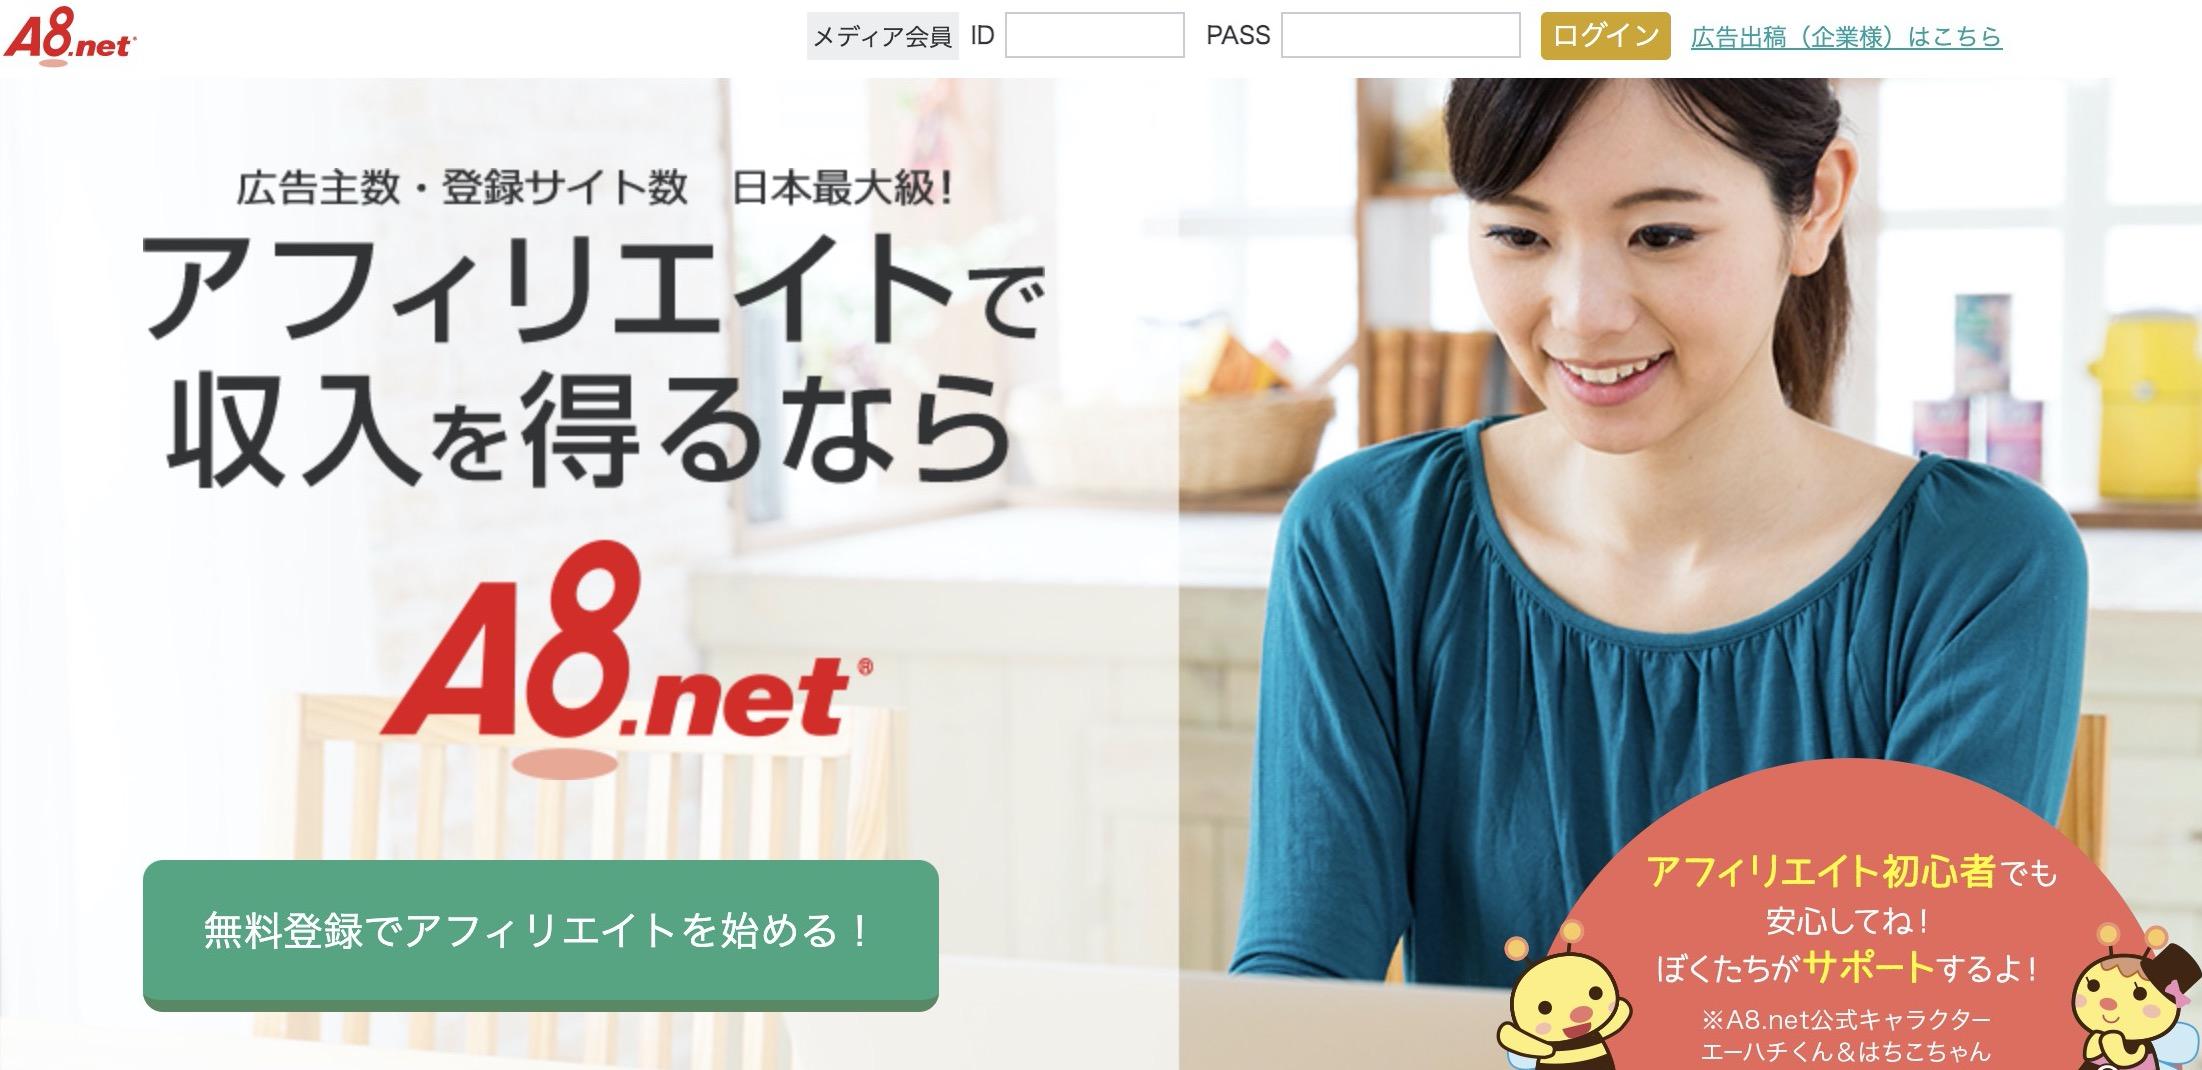 ブログ初心者におすすめのasp①A8.net